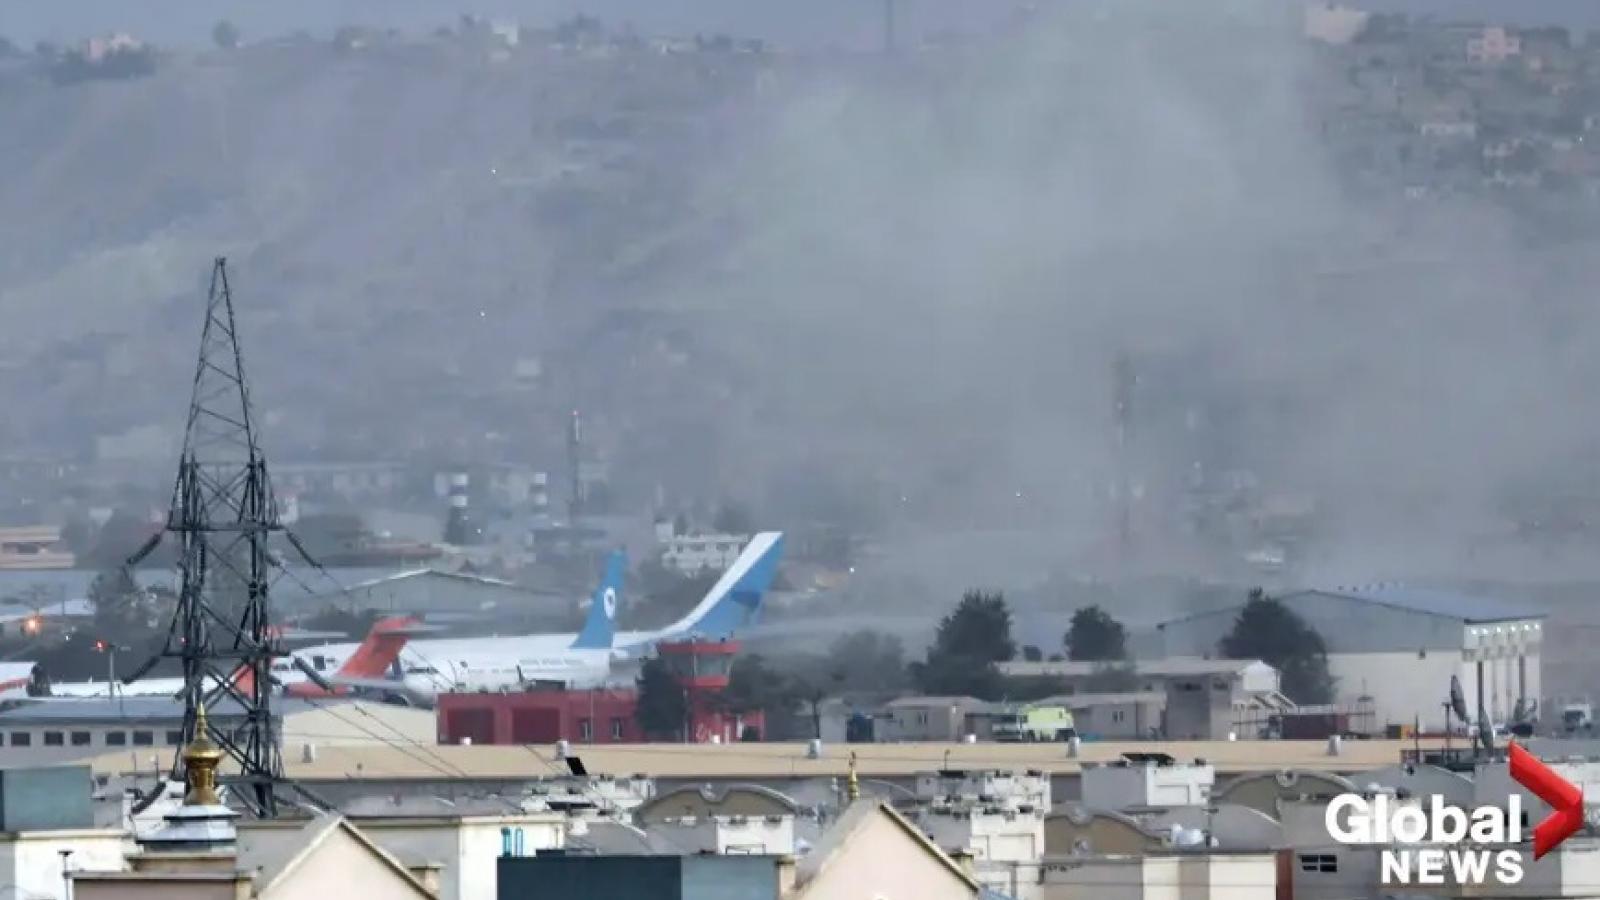 Quốc tế lên án vụ tấn công tại Kabul, cảnh báo nguy cơ các vụ tấn công mới